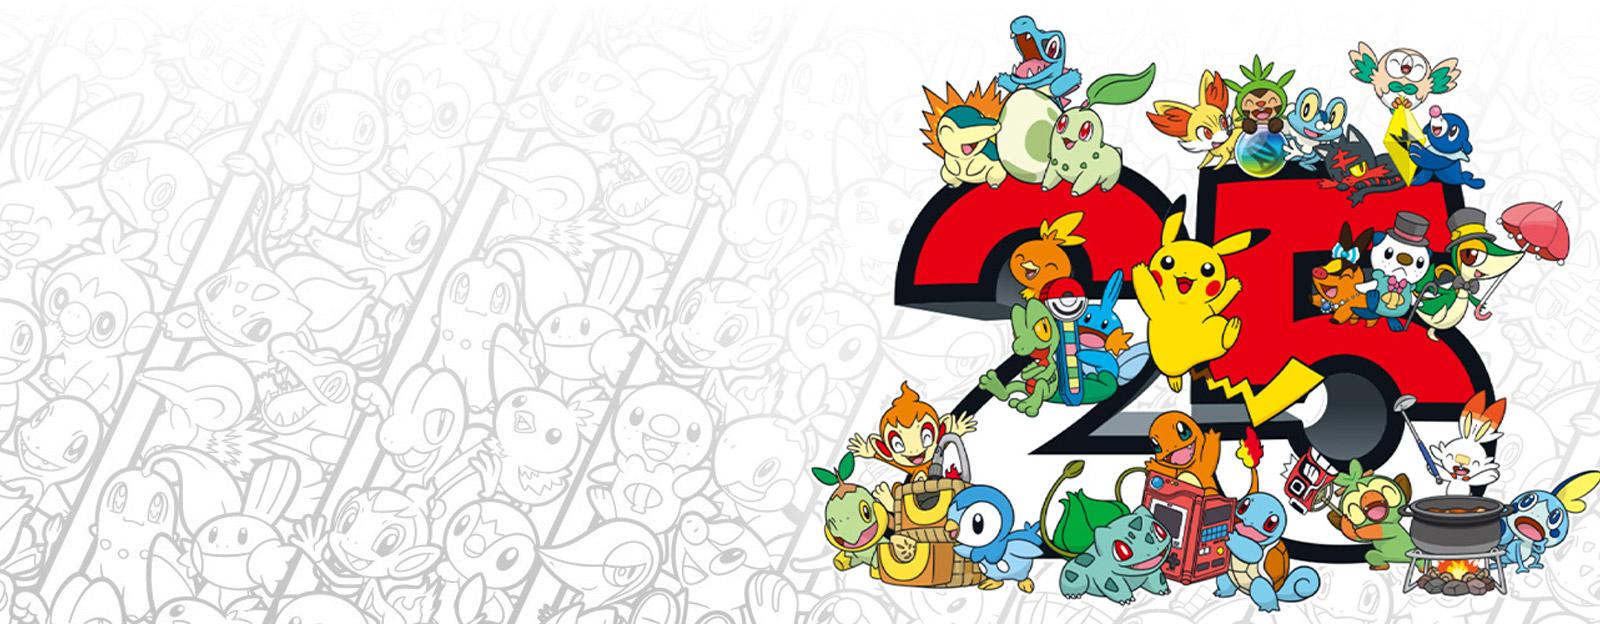 Pokémon Celebrations Banner